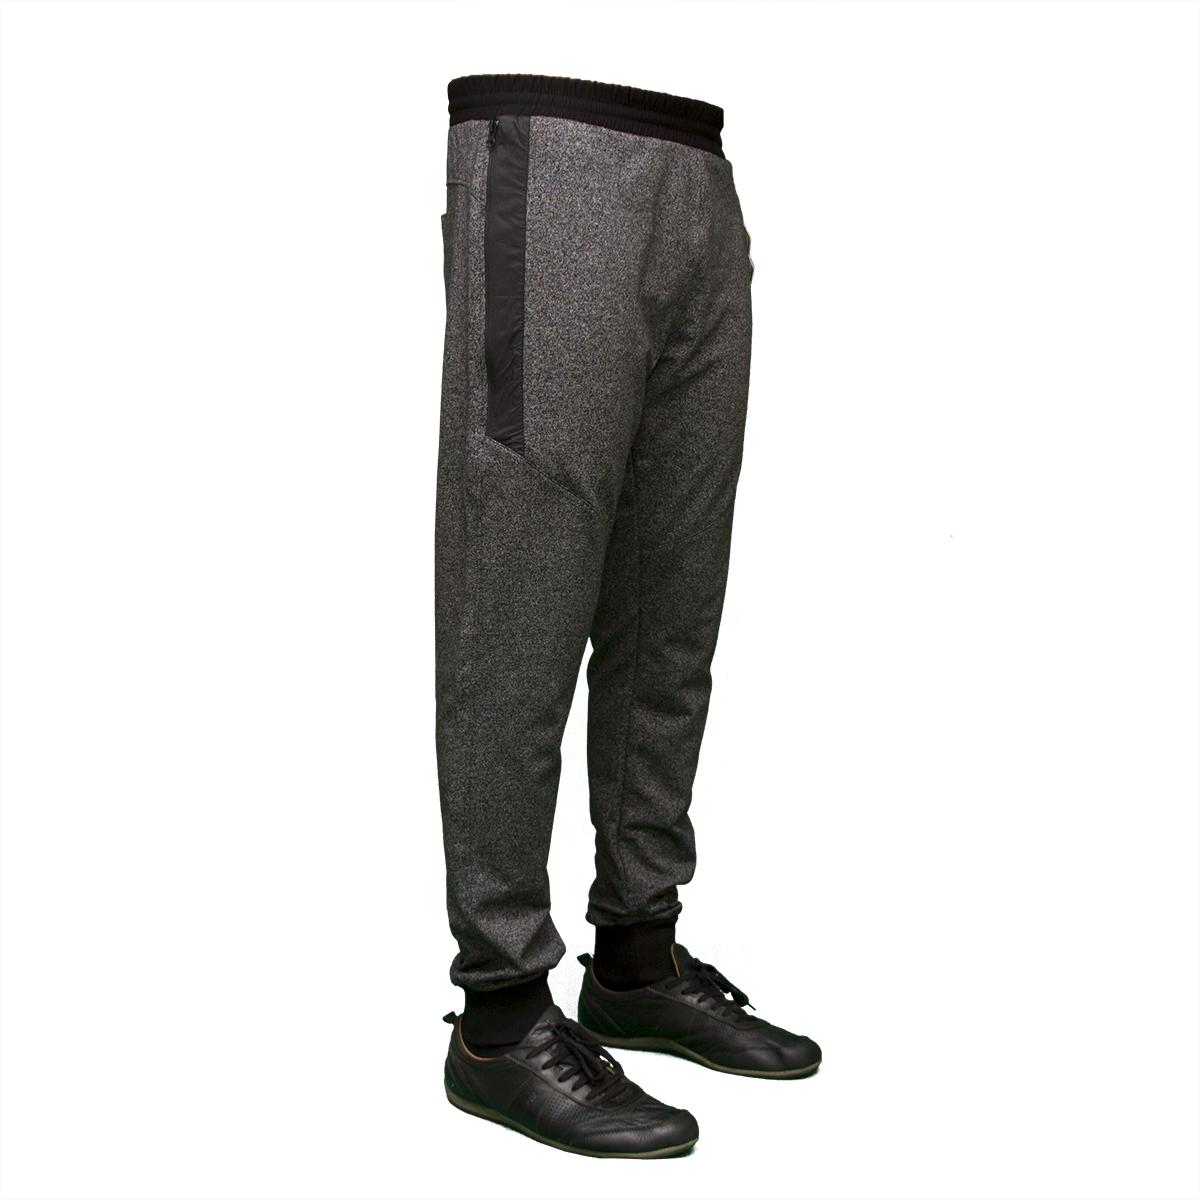 Молодежные спортивные штаны под манжет TOMMY LIFE фабрика Турция 84228